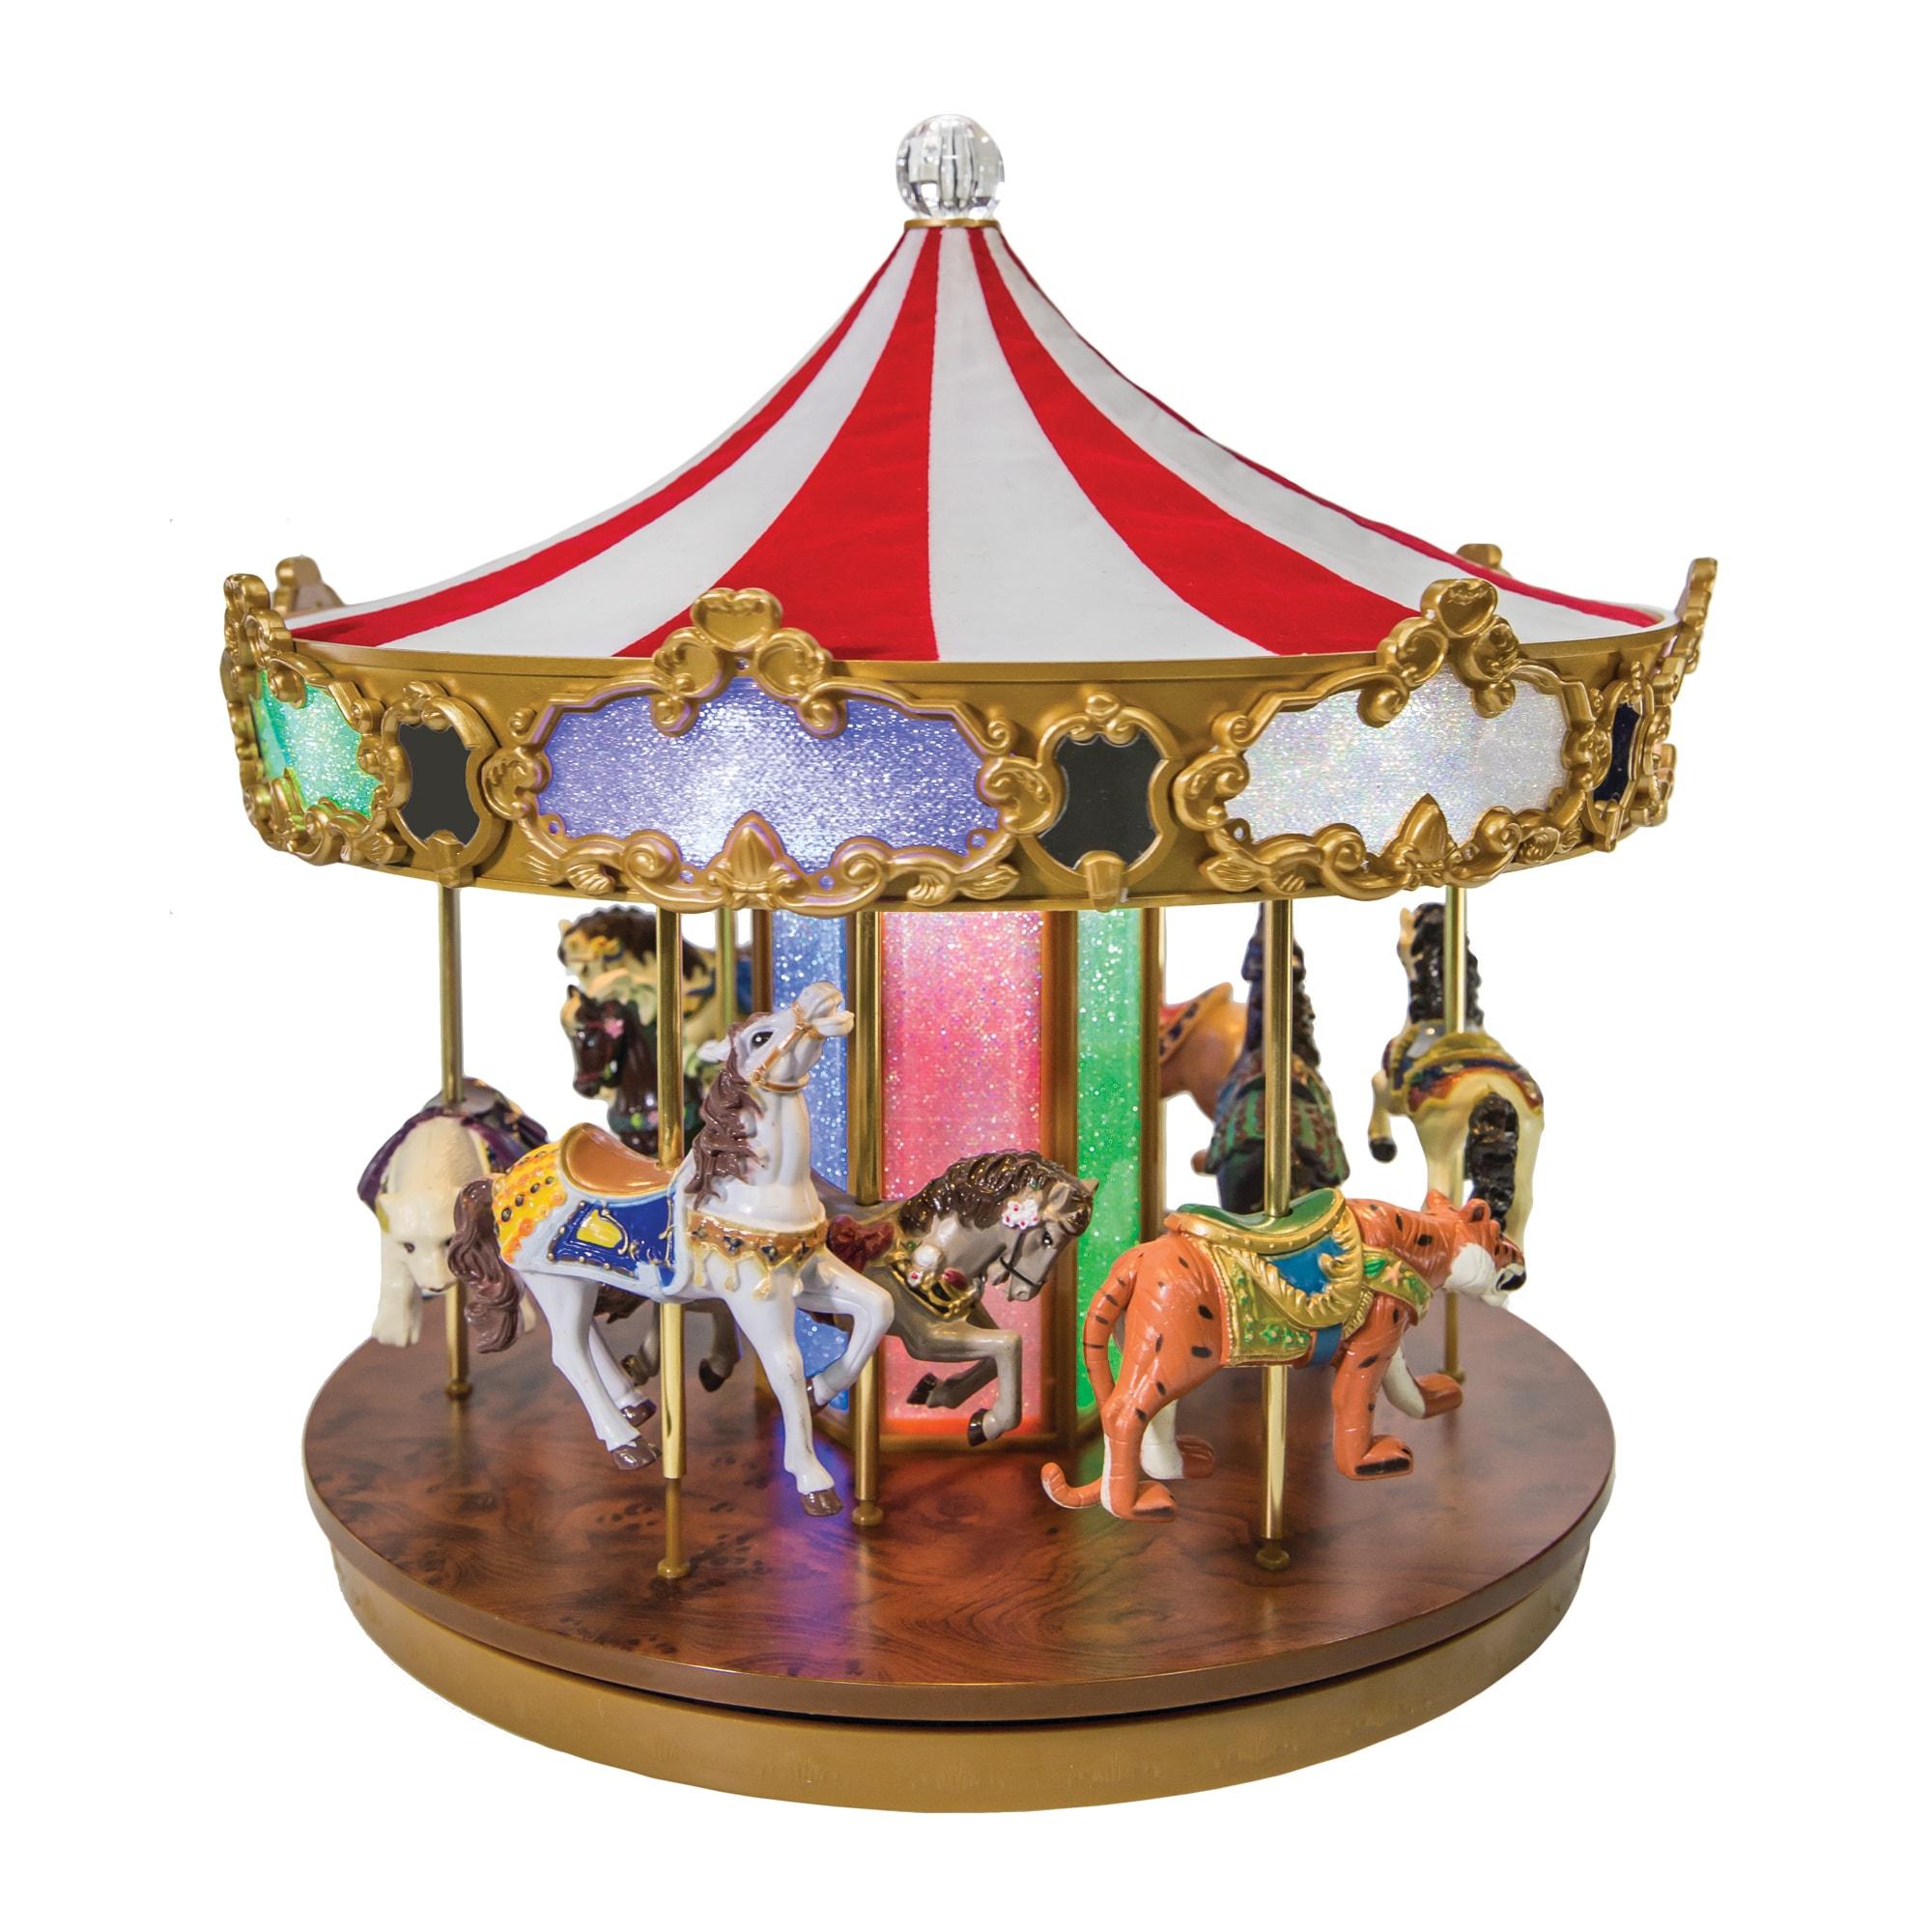 Ενισχύστε τη χριστουγεννιάτικη διακόσμηση με ένα κλασσικό carousel!